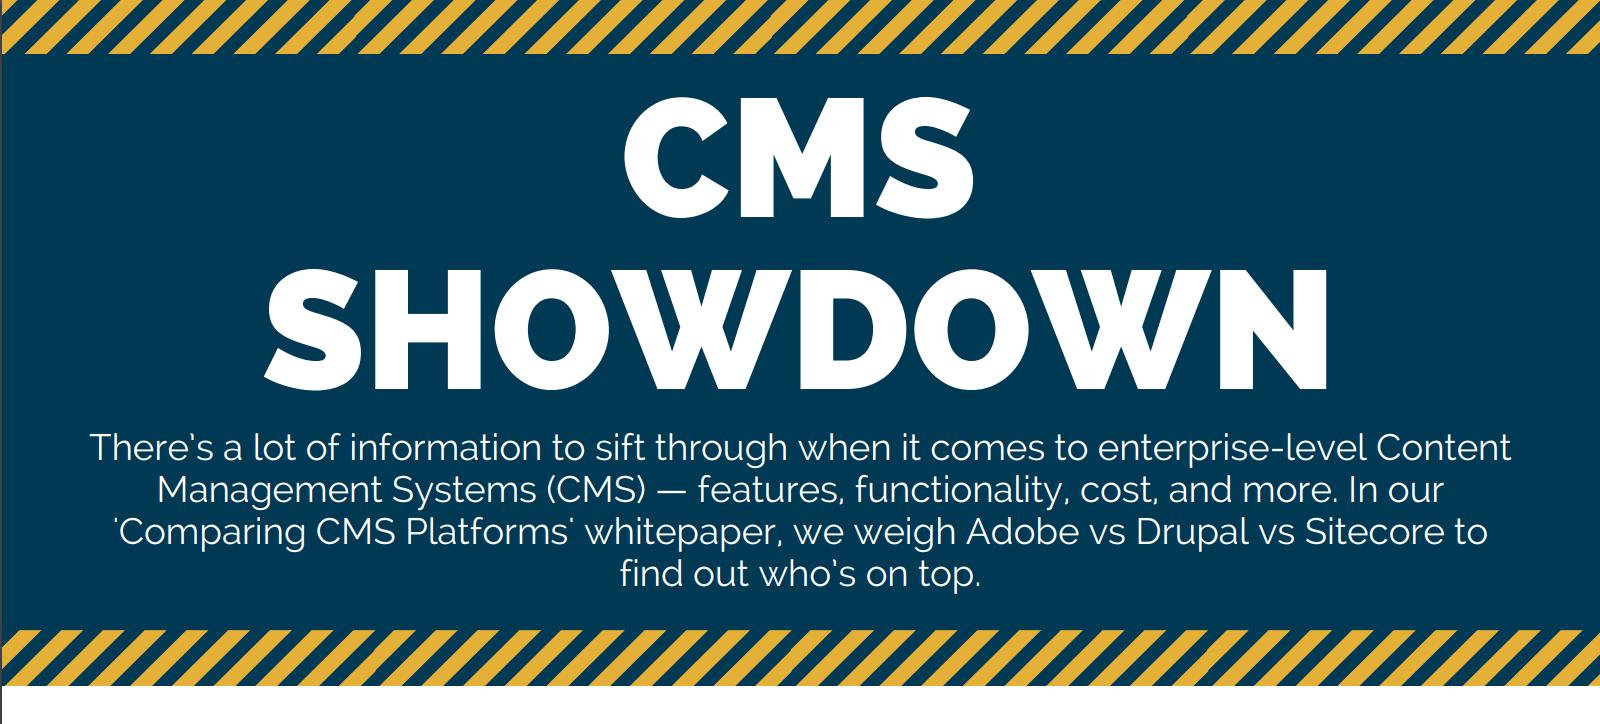 CMS Showdown